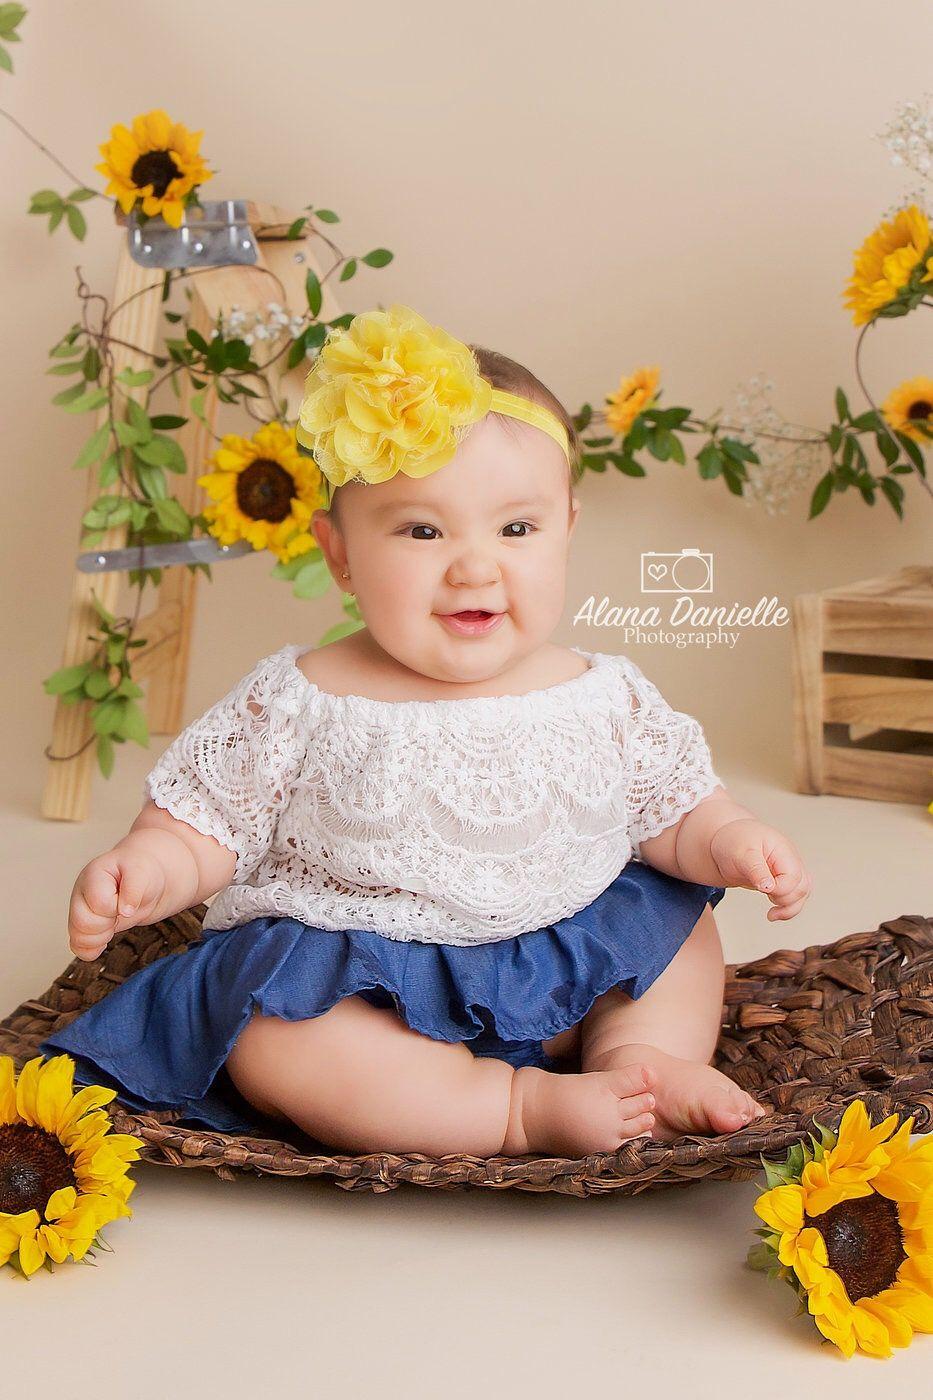 Baby Girl Photoshoot Ideas : photoshoot, ideas, Sunflower, Photoshoot, Toddler, Photoshoot,, Photography,